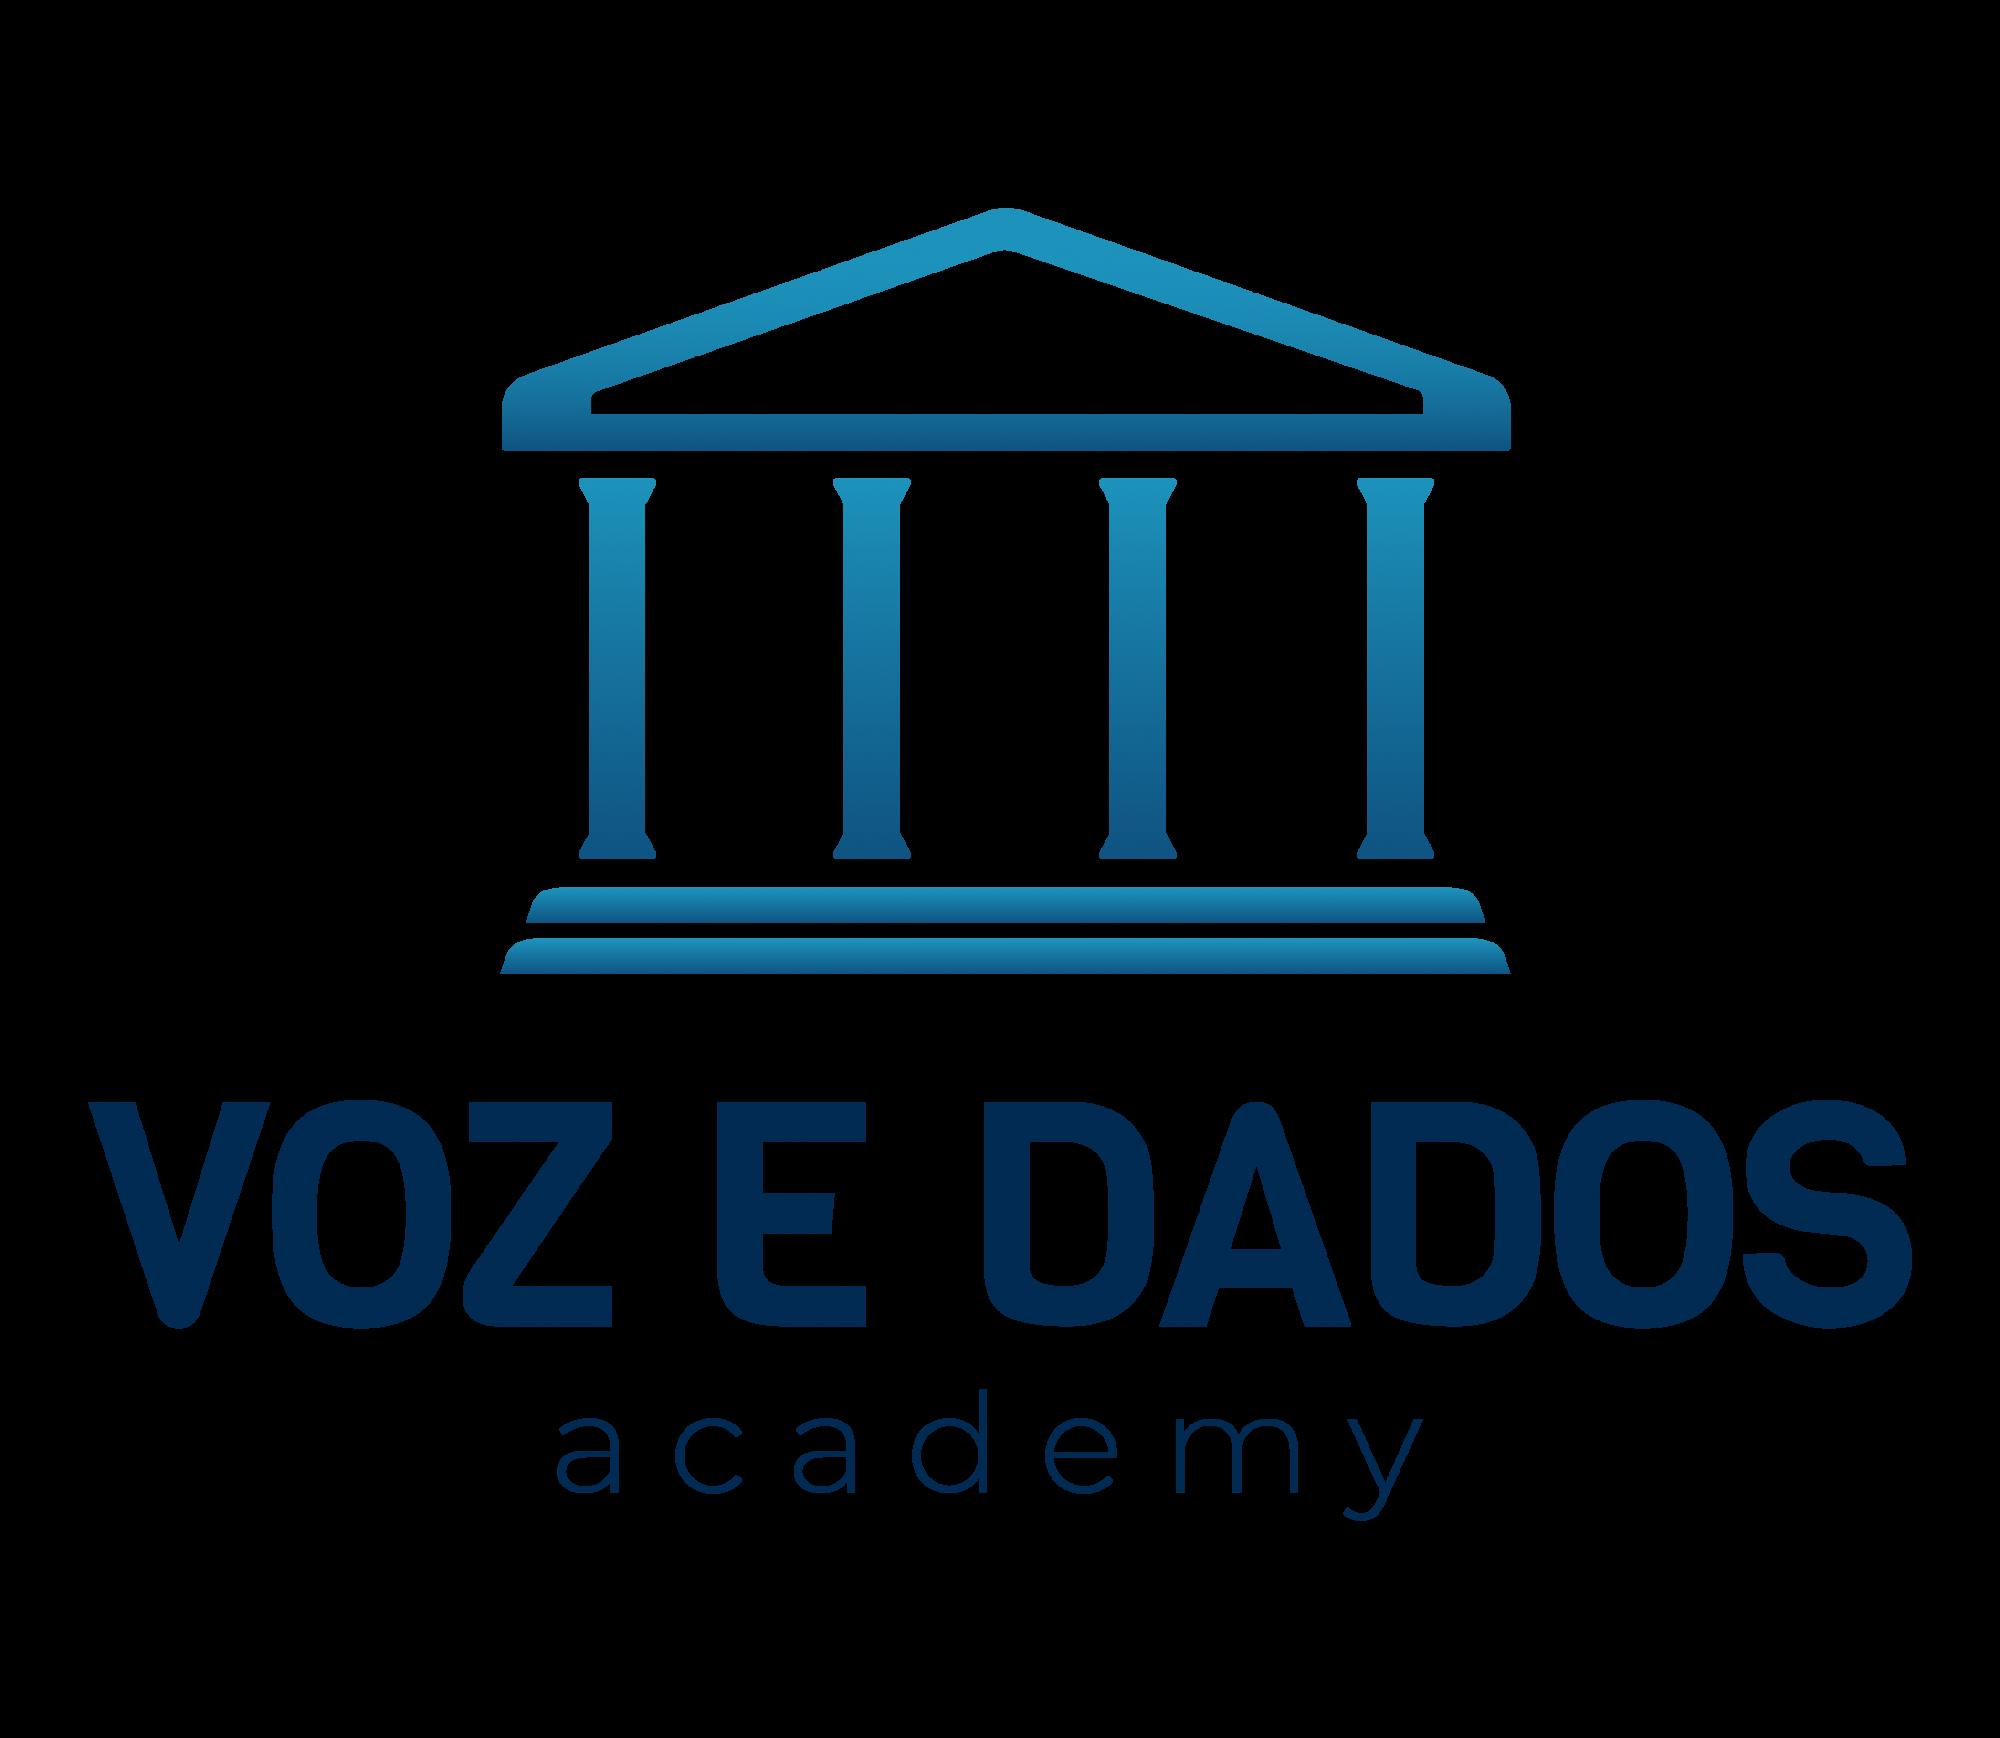 Negociação Rosângela - CELIZE - XINGU REDES  - Voz e Dados Academy